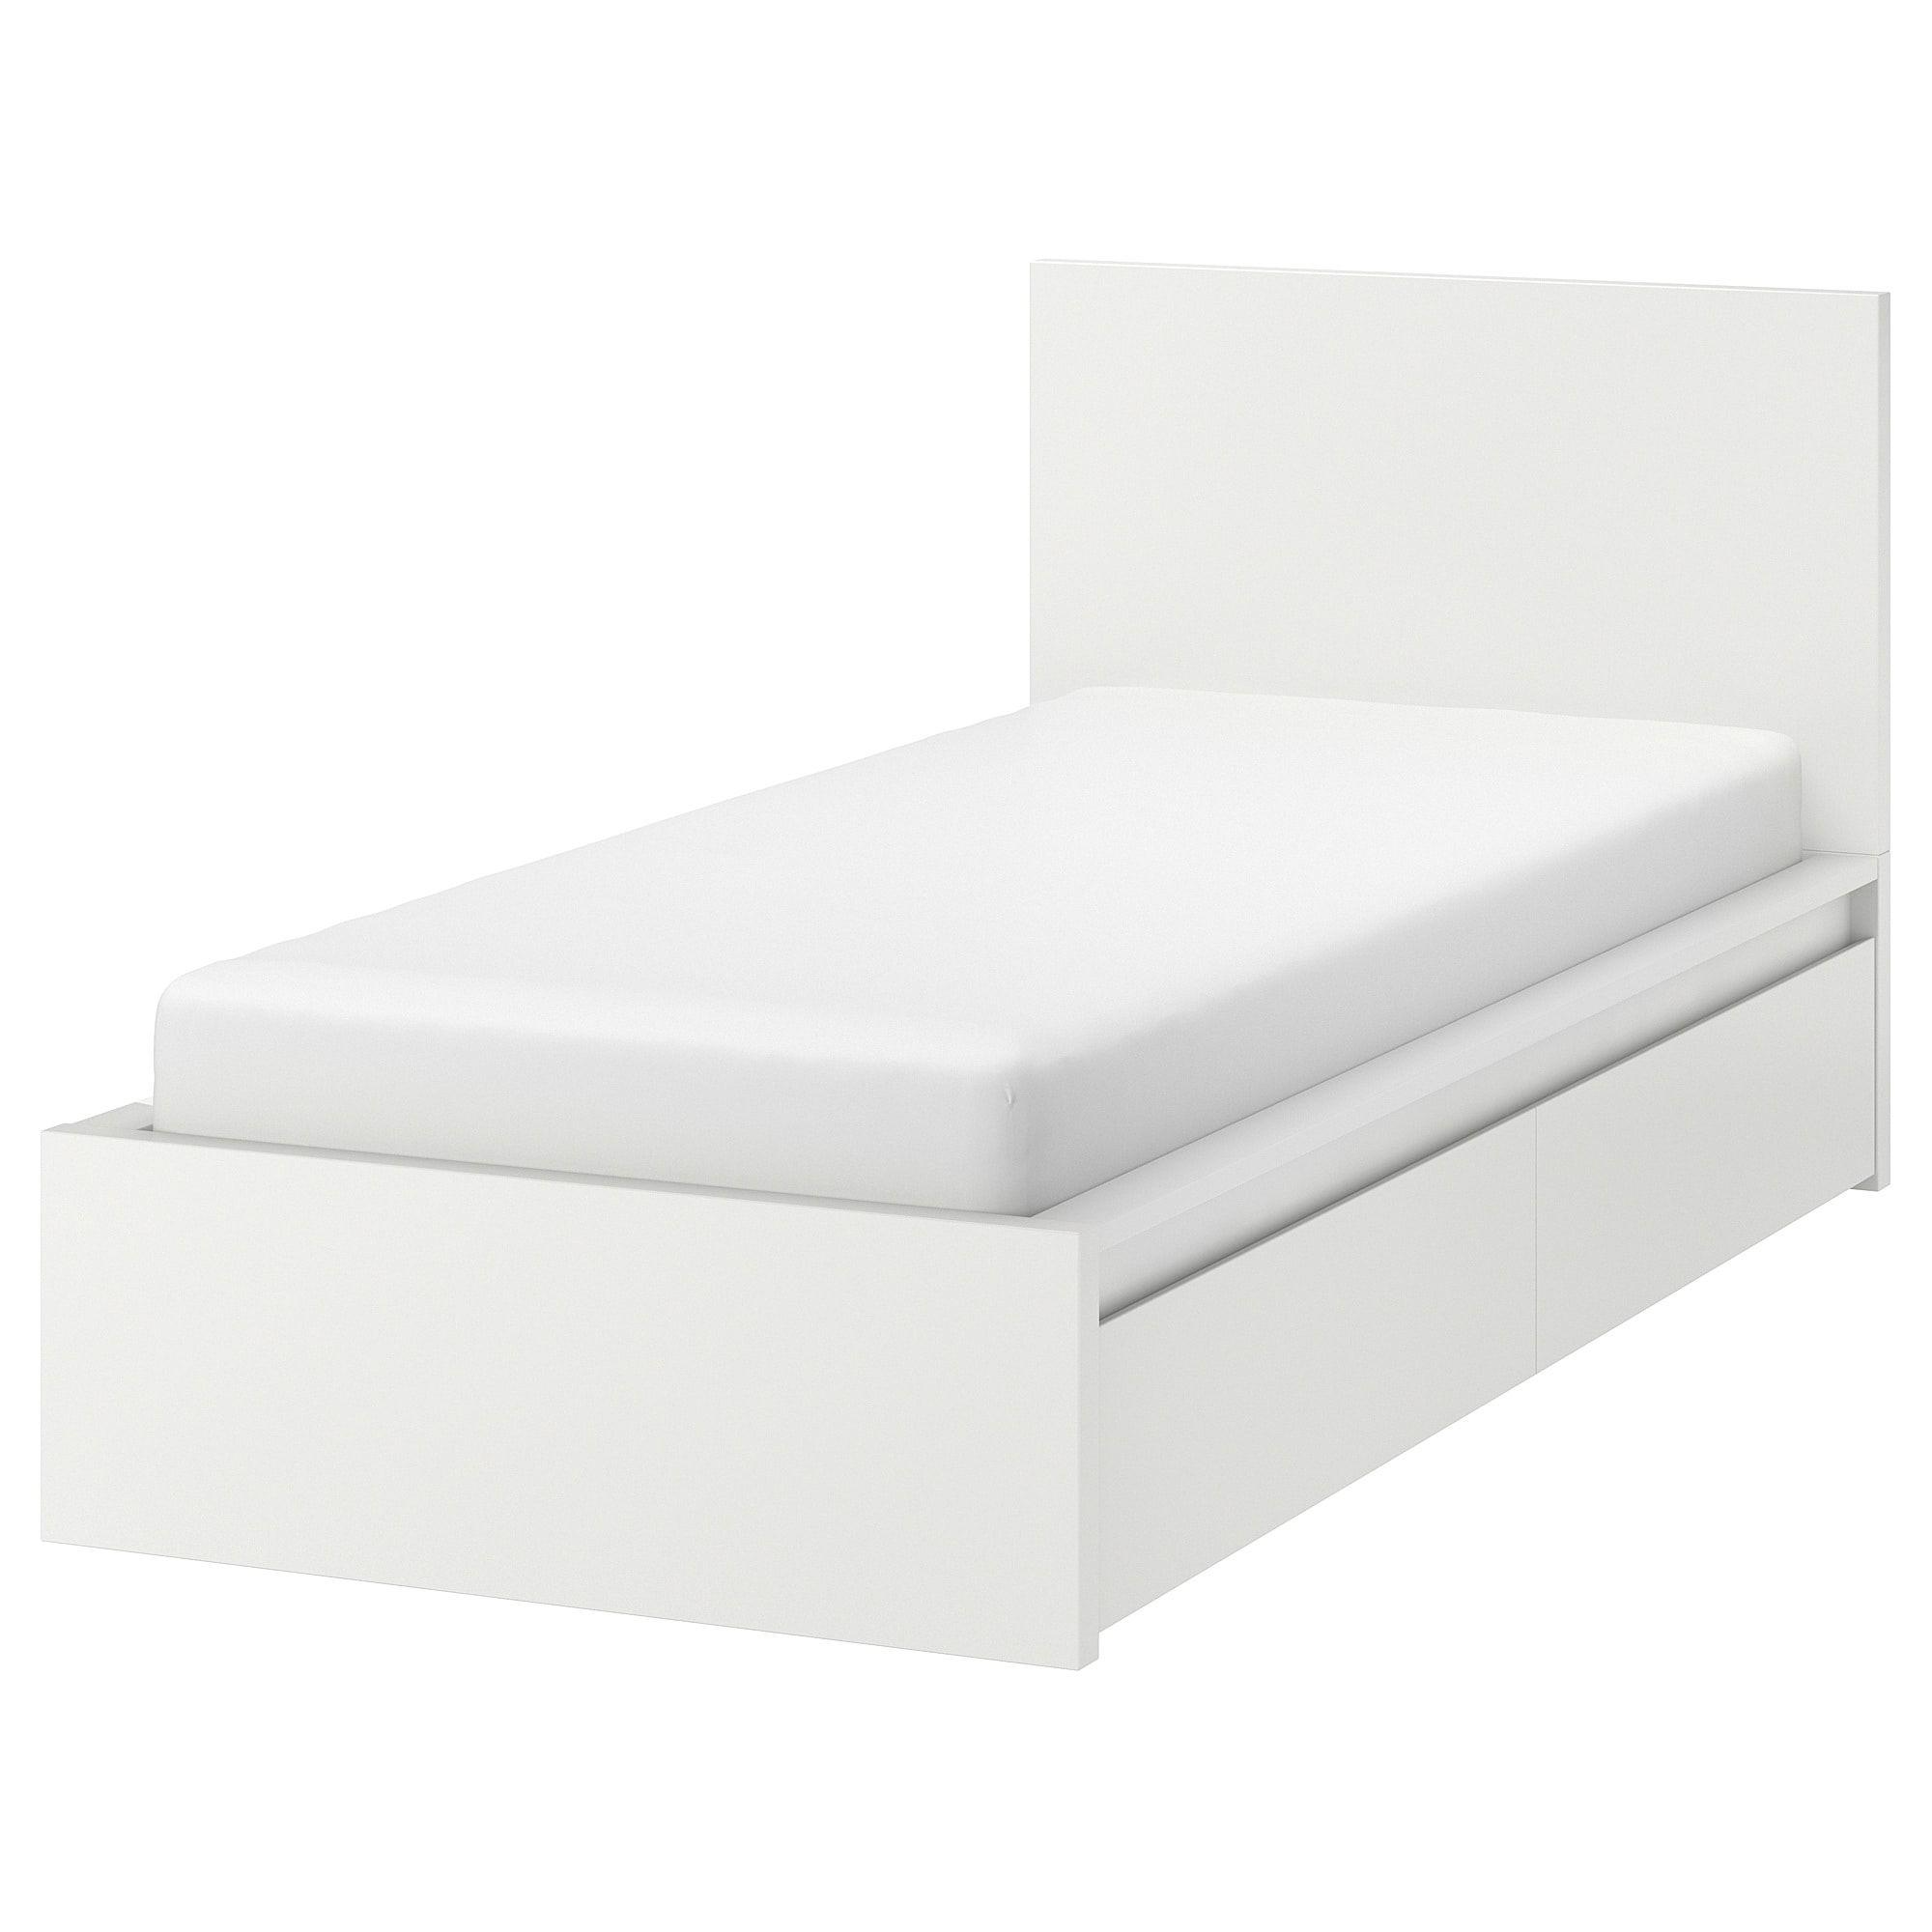 Malm Bettgestell Hoch Mit 2 Schubkasten Weiss Luroy Ikea Osterreich Malm Bett Bett Lagerung Und Bettgestell